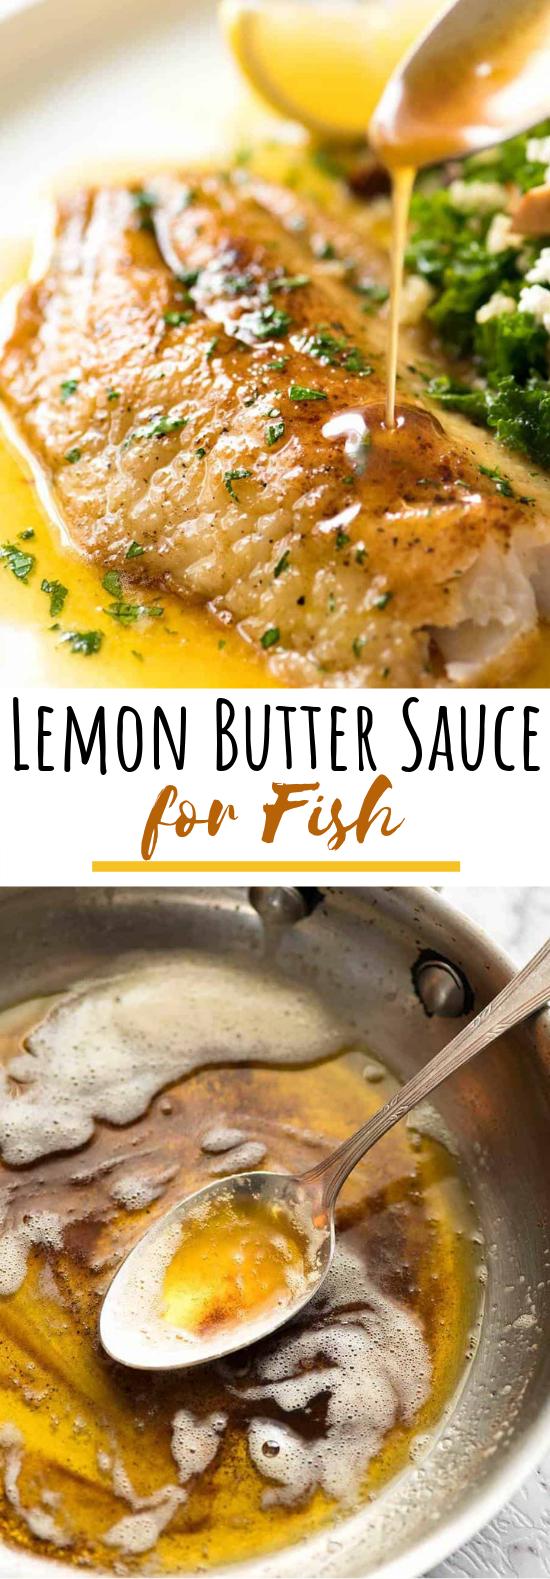 Lemon Butter Sauce for Fish #dinner #sauce